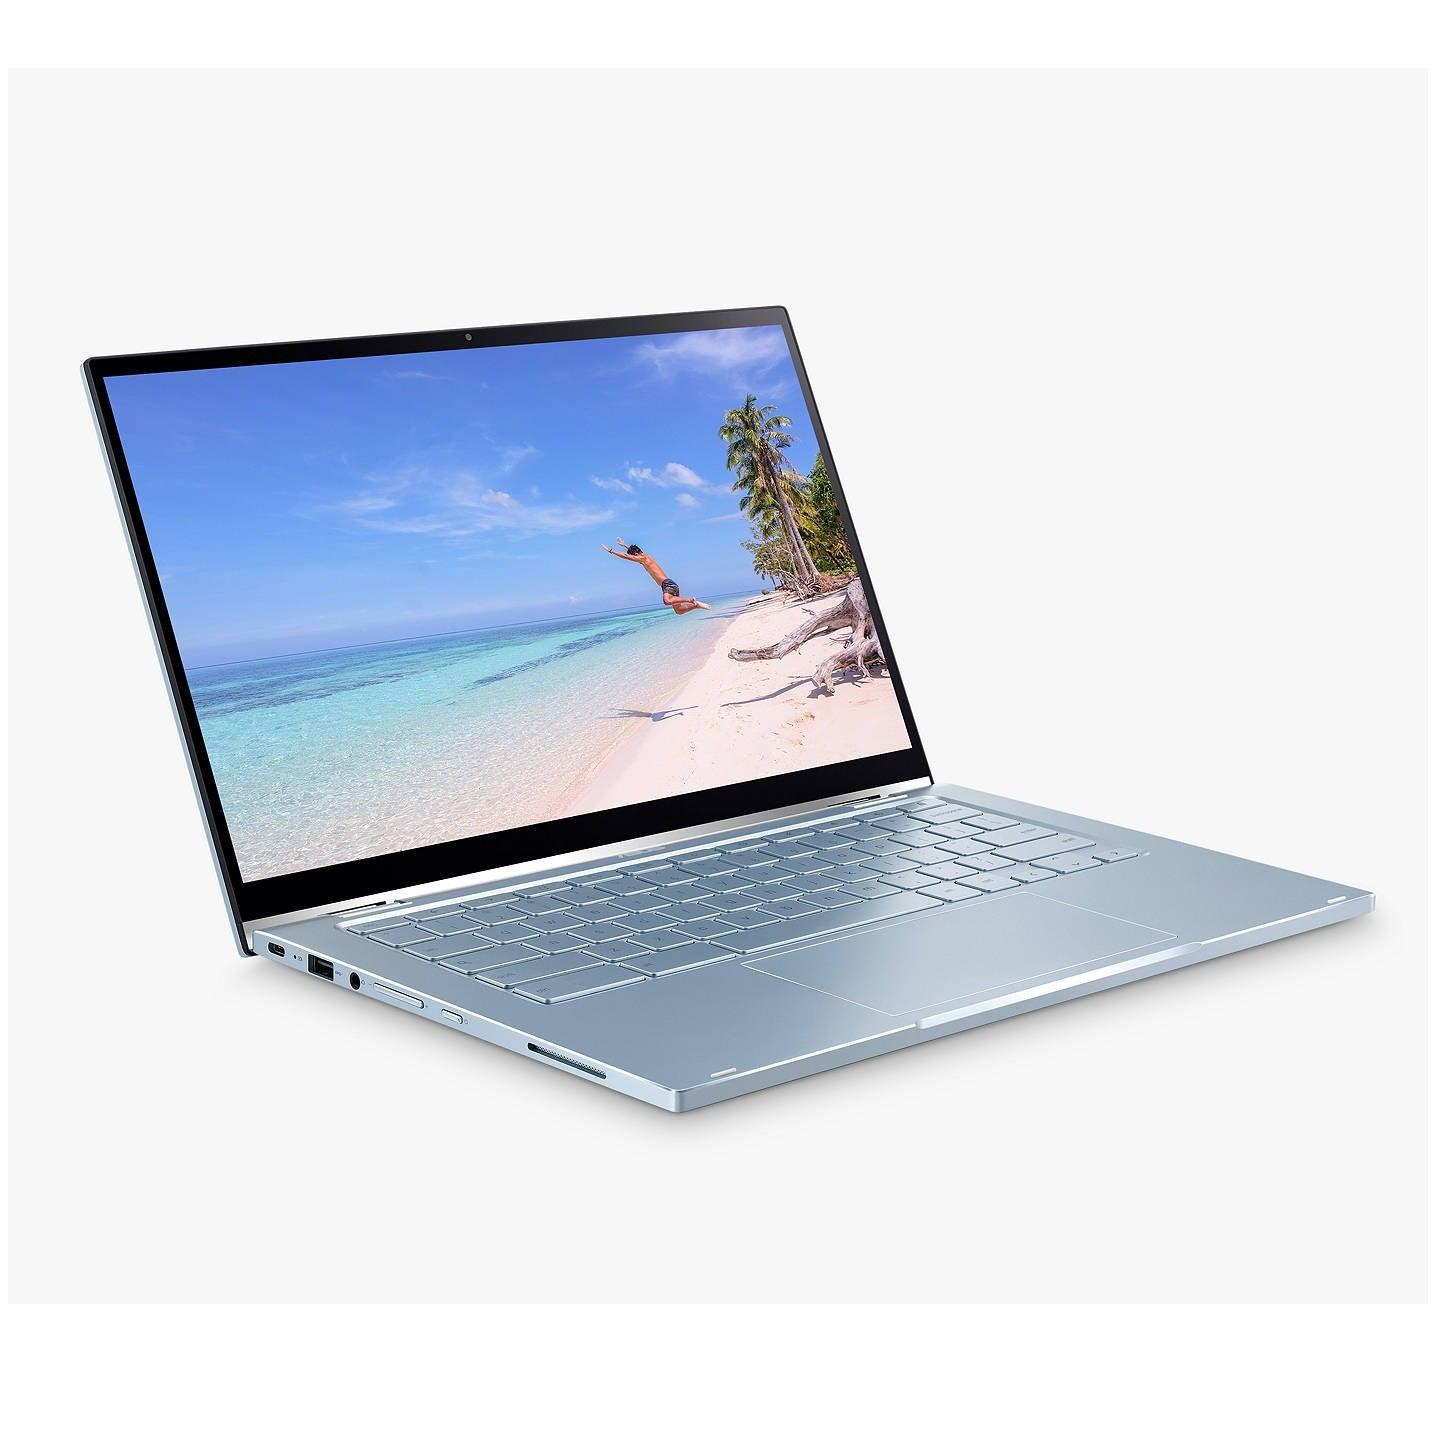 Asus Chromebook Flip C433 14 inch 2-in-1 Laptop